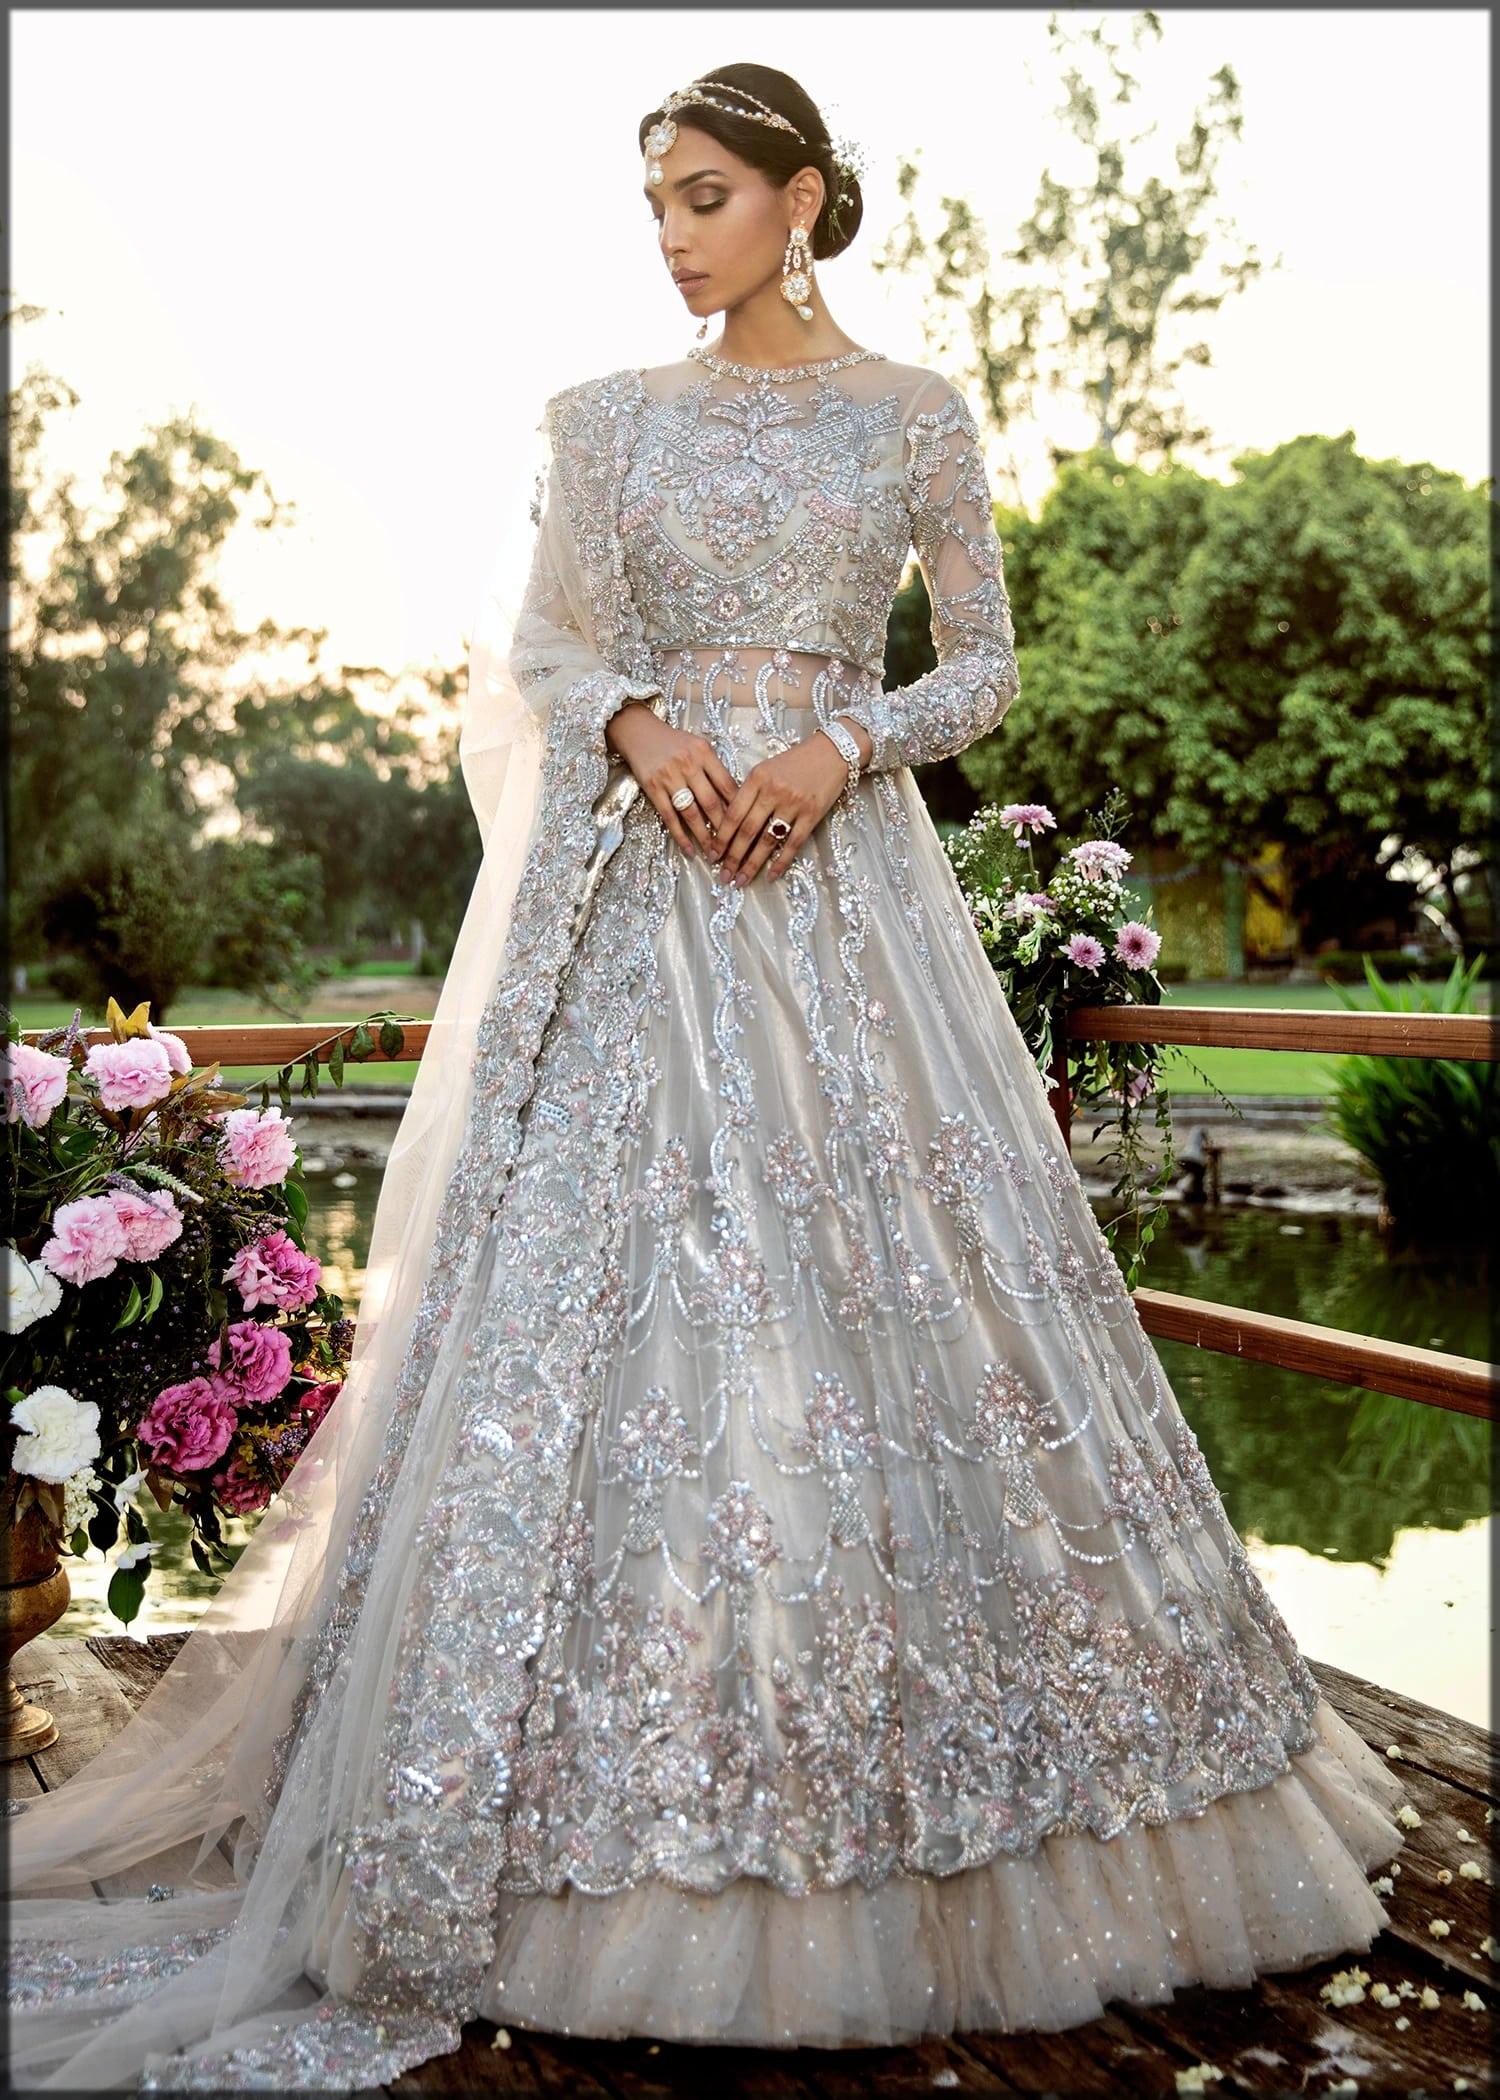 Silver bridal dress by sadaf fawad khan